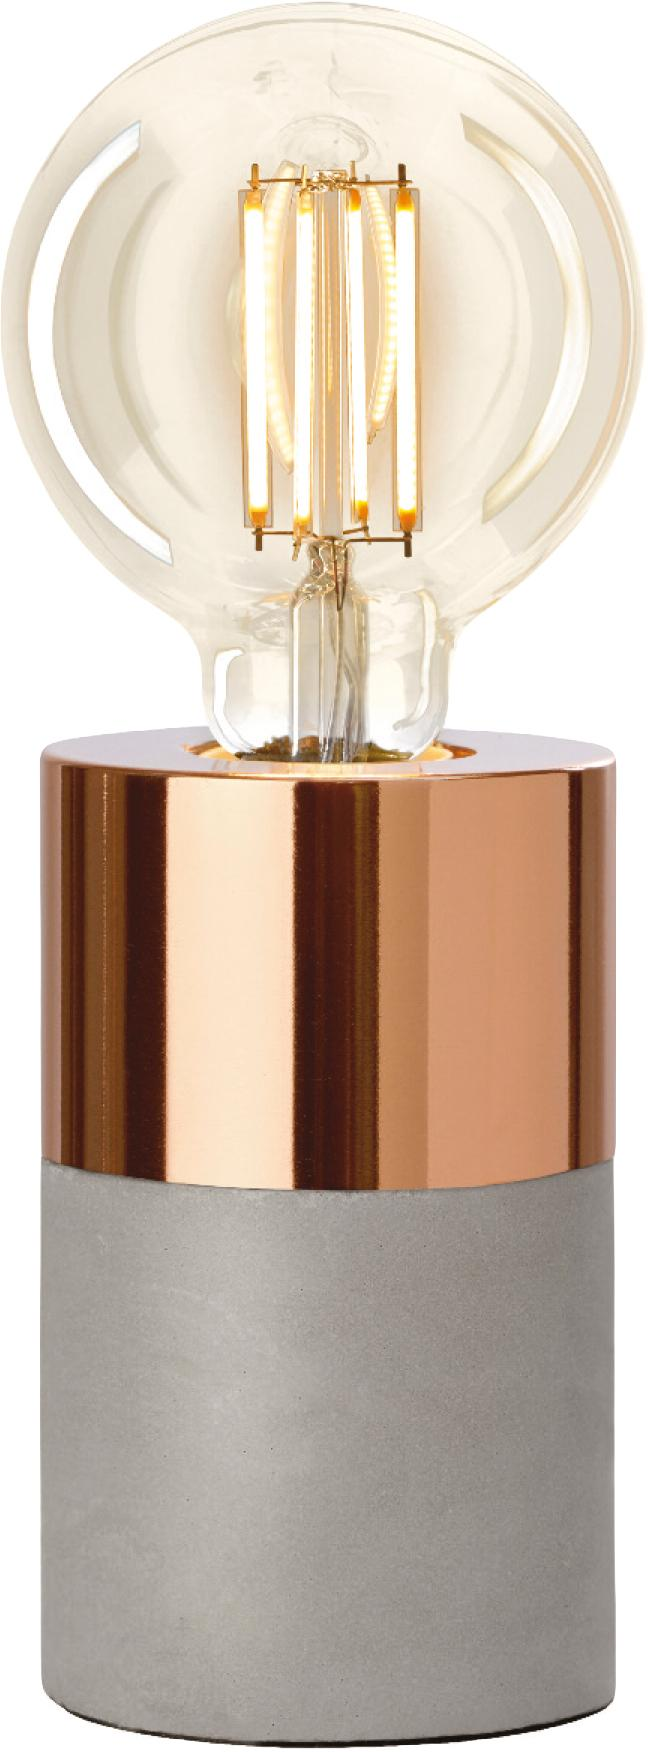 Lampa stołowa z betonu Athen, Szary, miedź, Ø 8 x W 14 cm